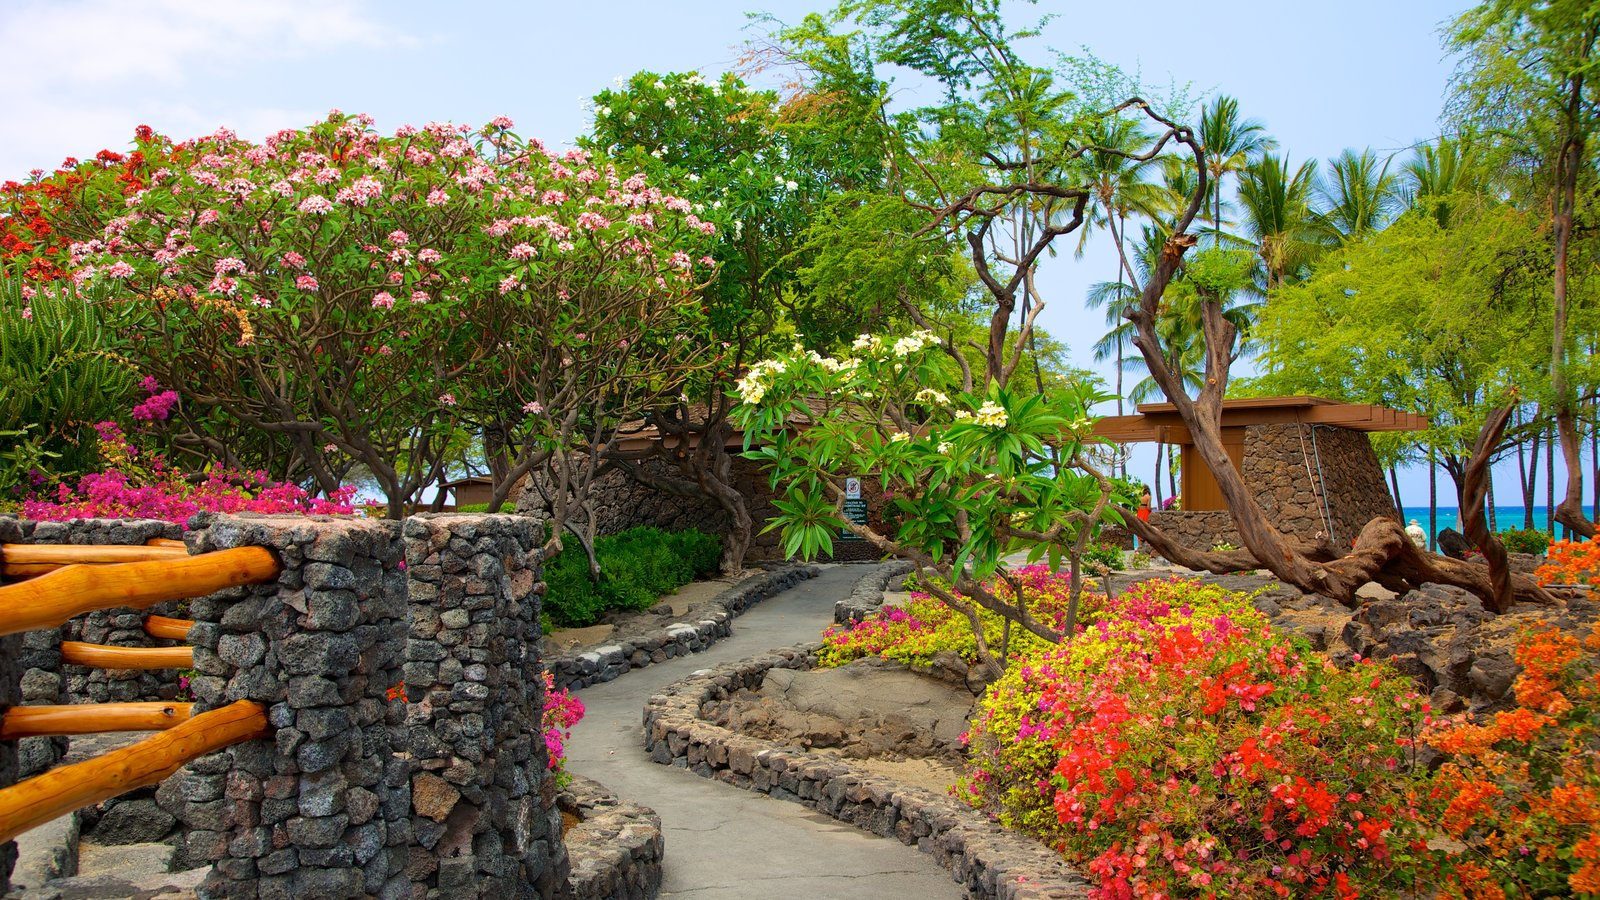 Hawai que incluye escenas tropicales, flores y un jardín